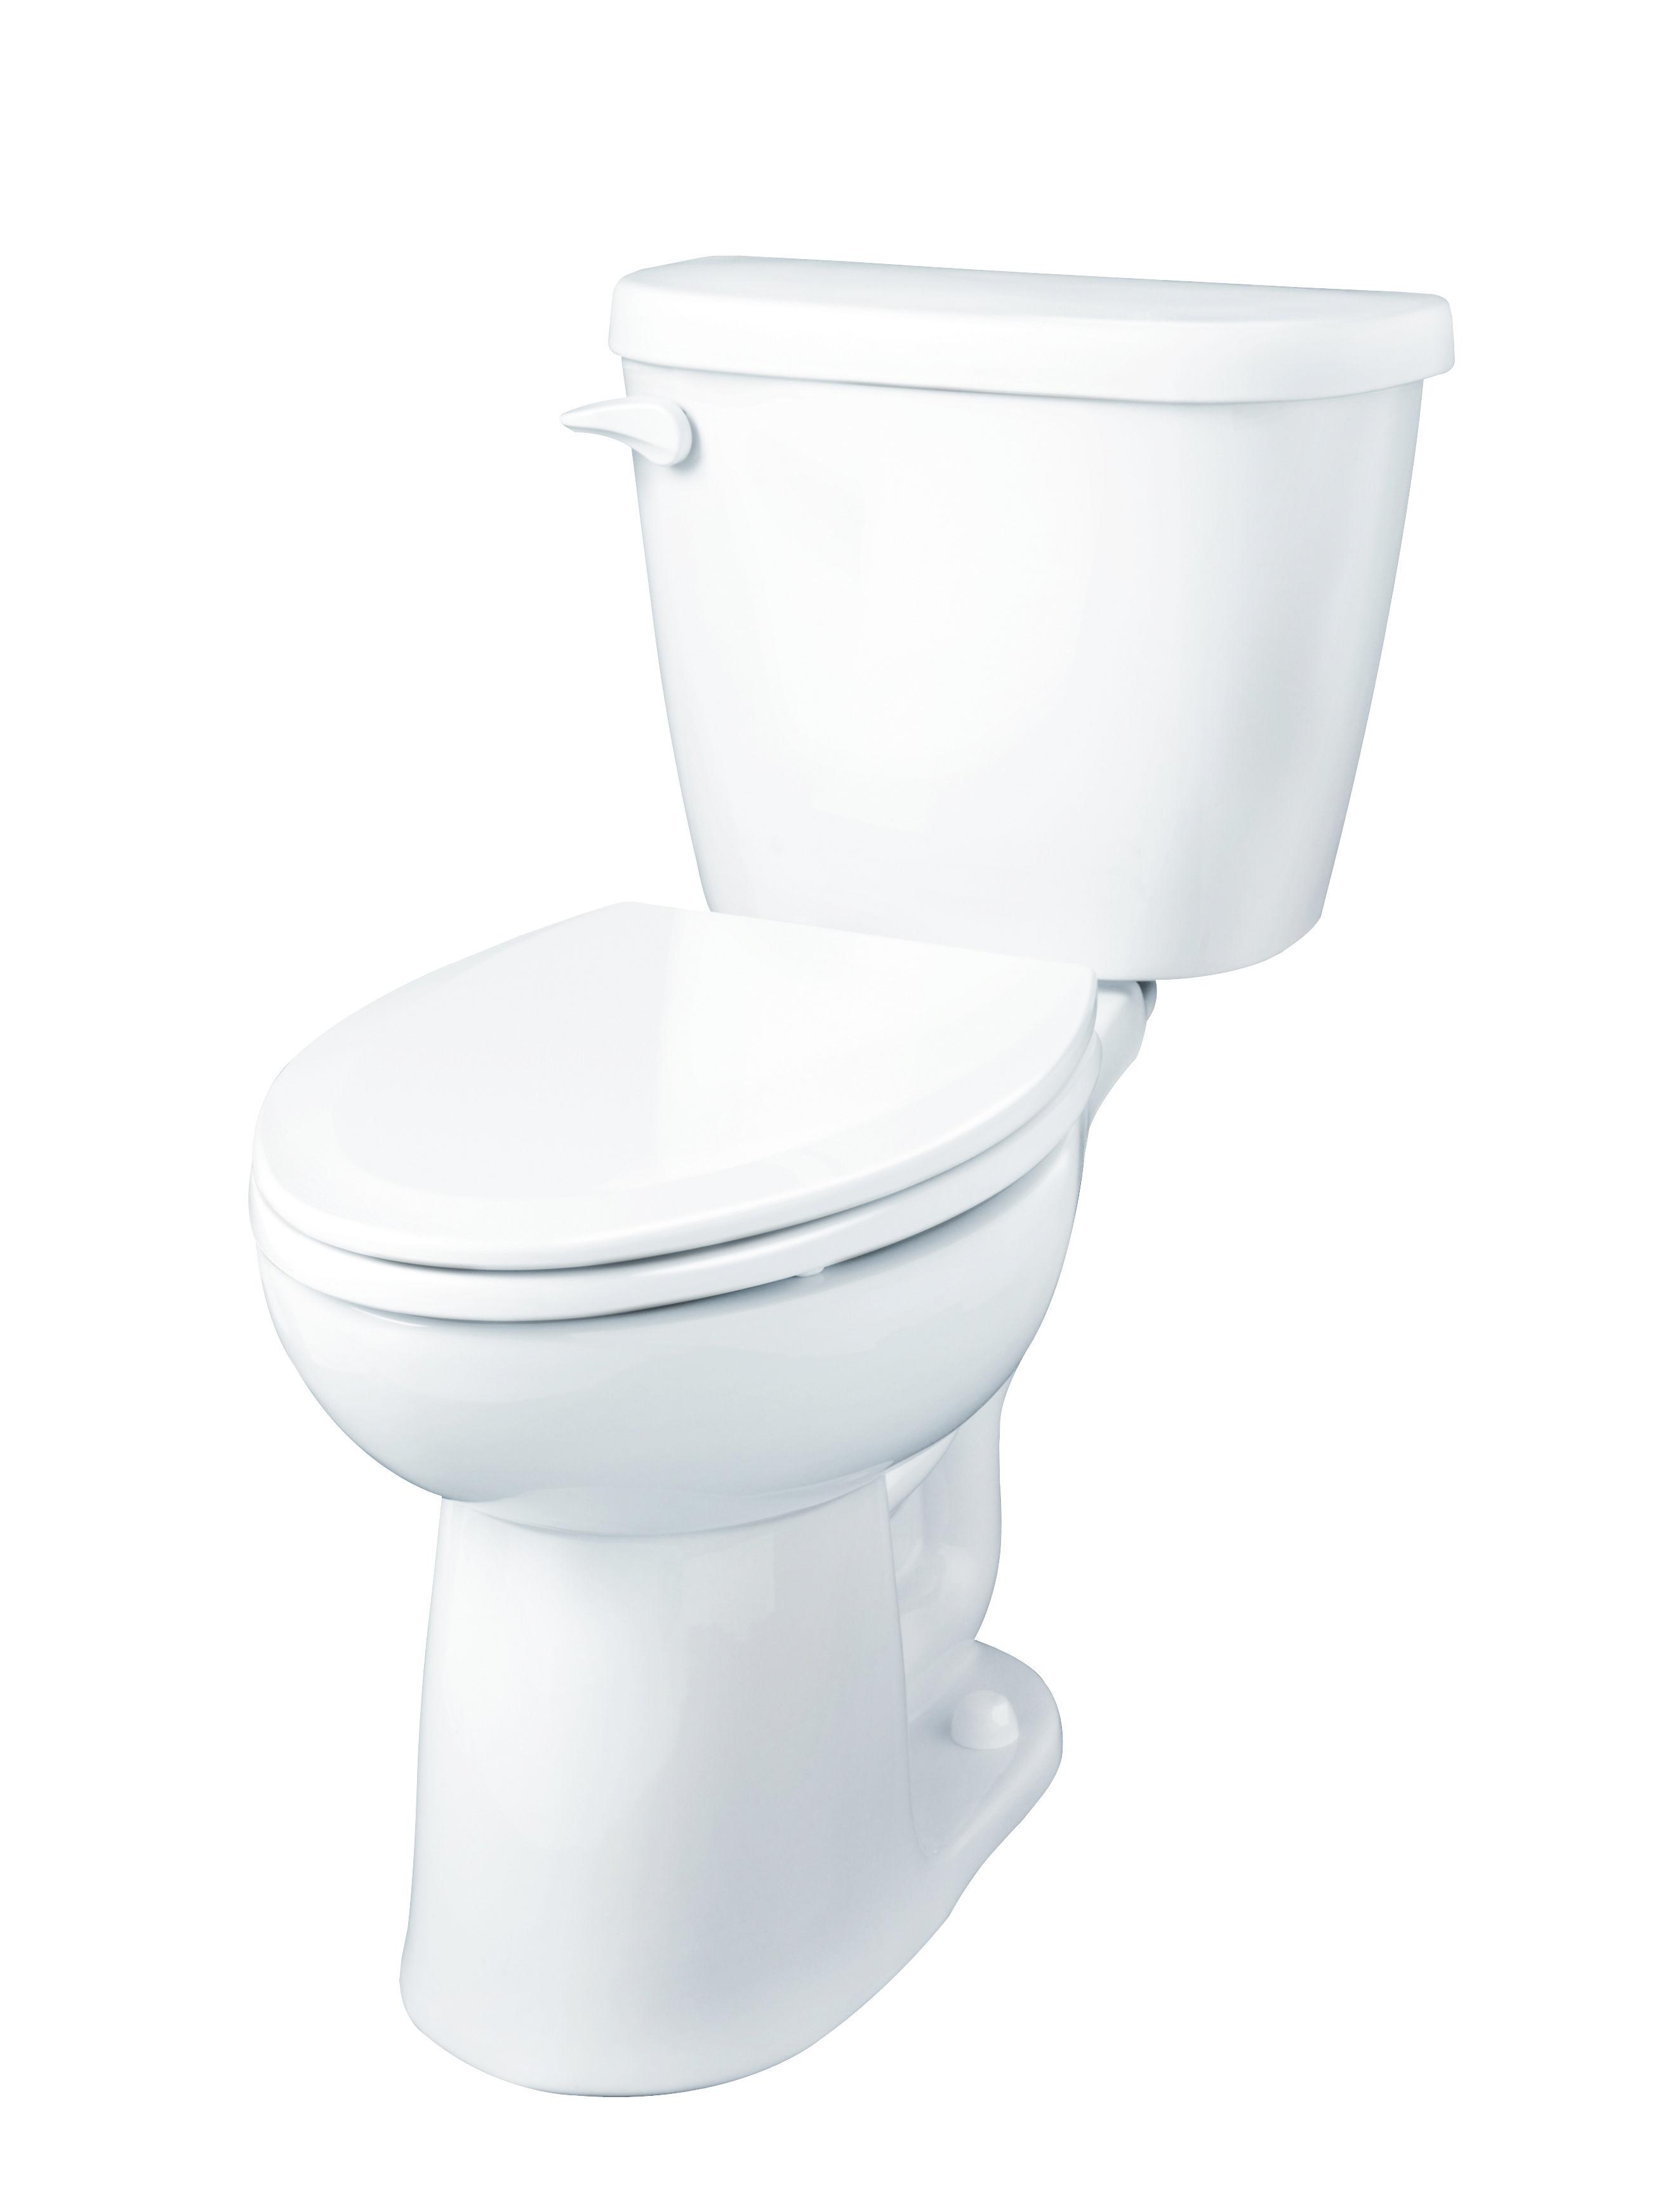 Maxwell 1 28 Gpf 14 Rough In Two Piece Round Front Toilet Gerber Plumbing Toilet Bathroom Decor Plumbing Fixtures